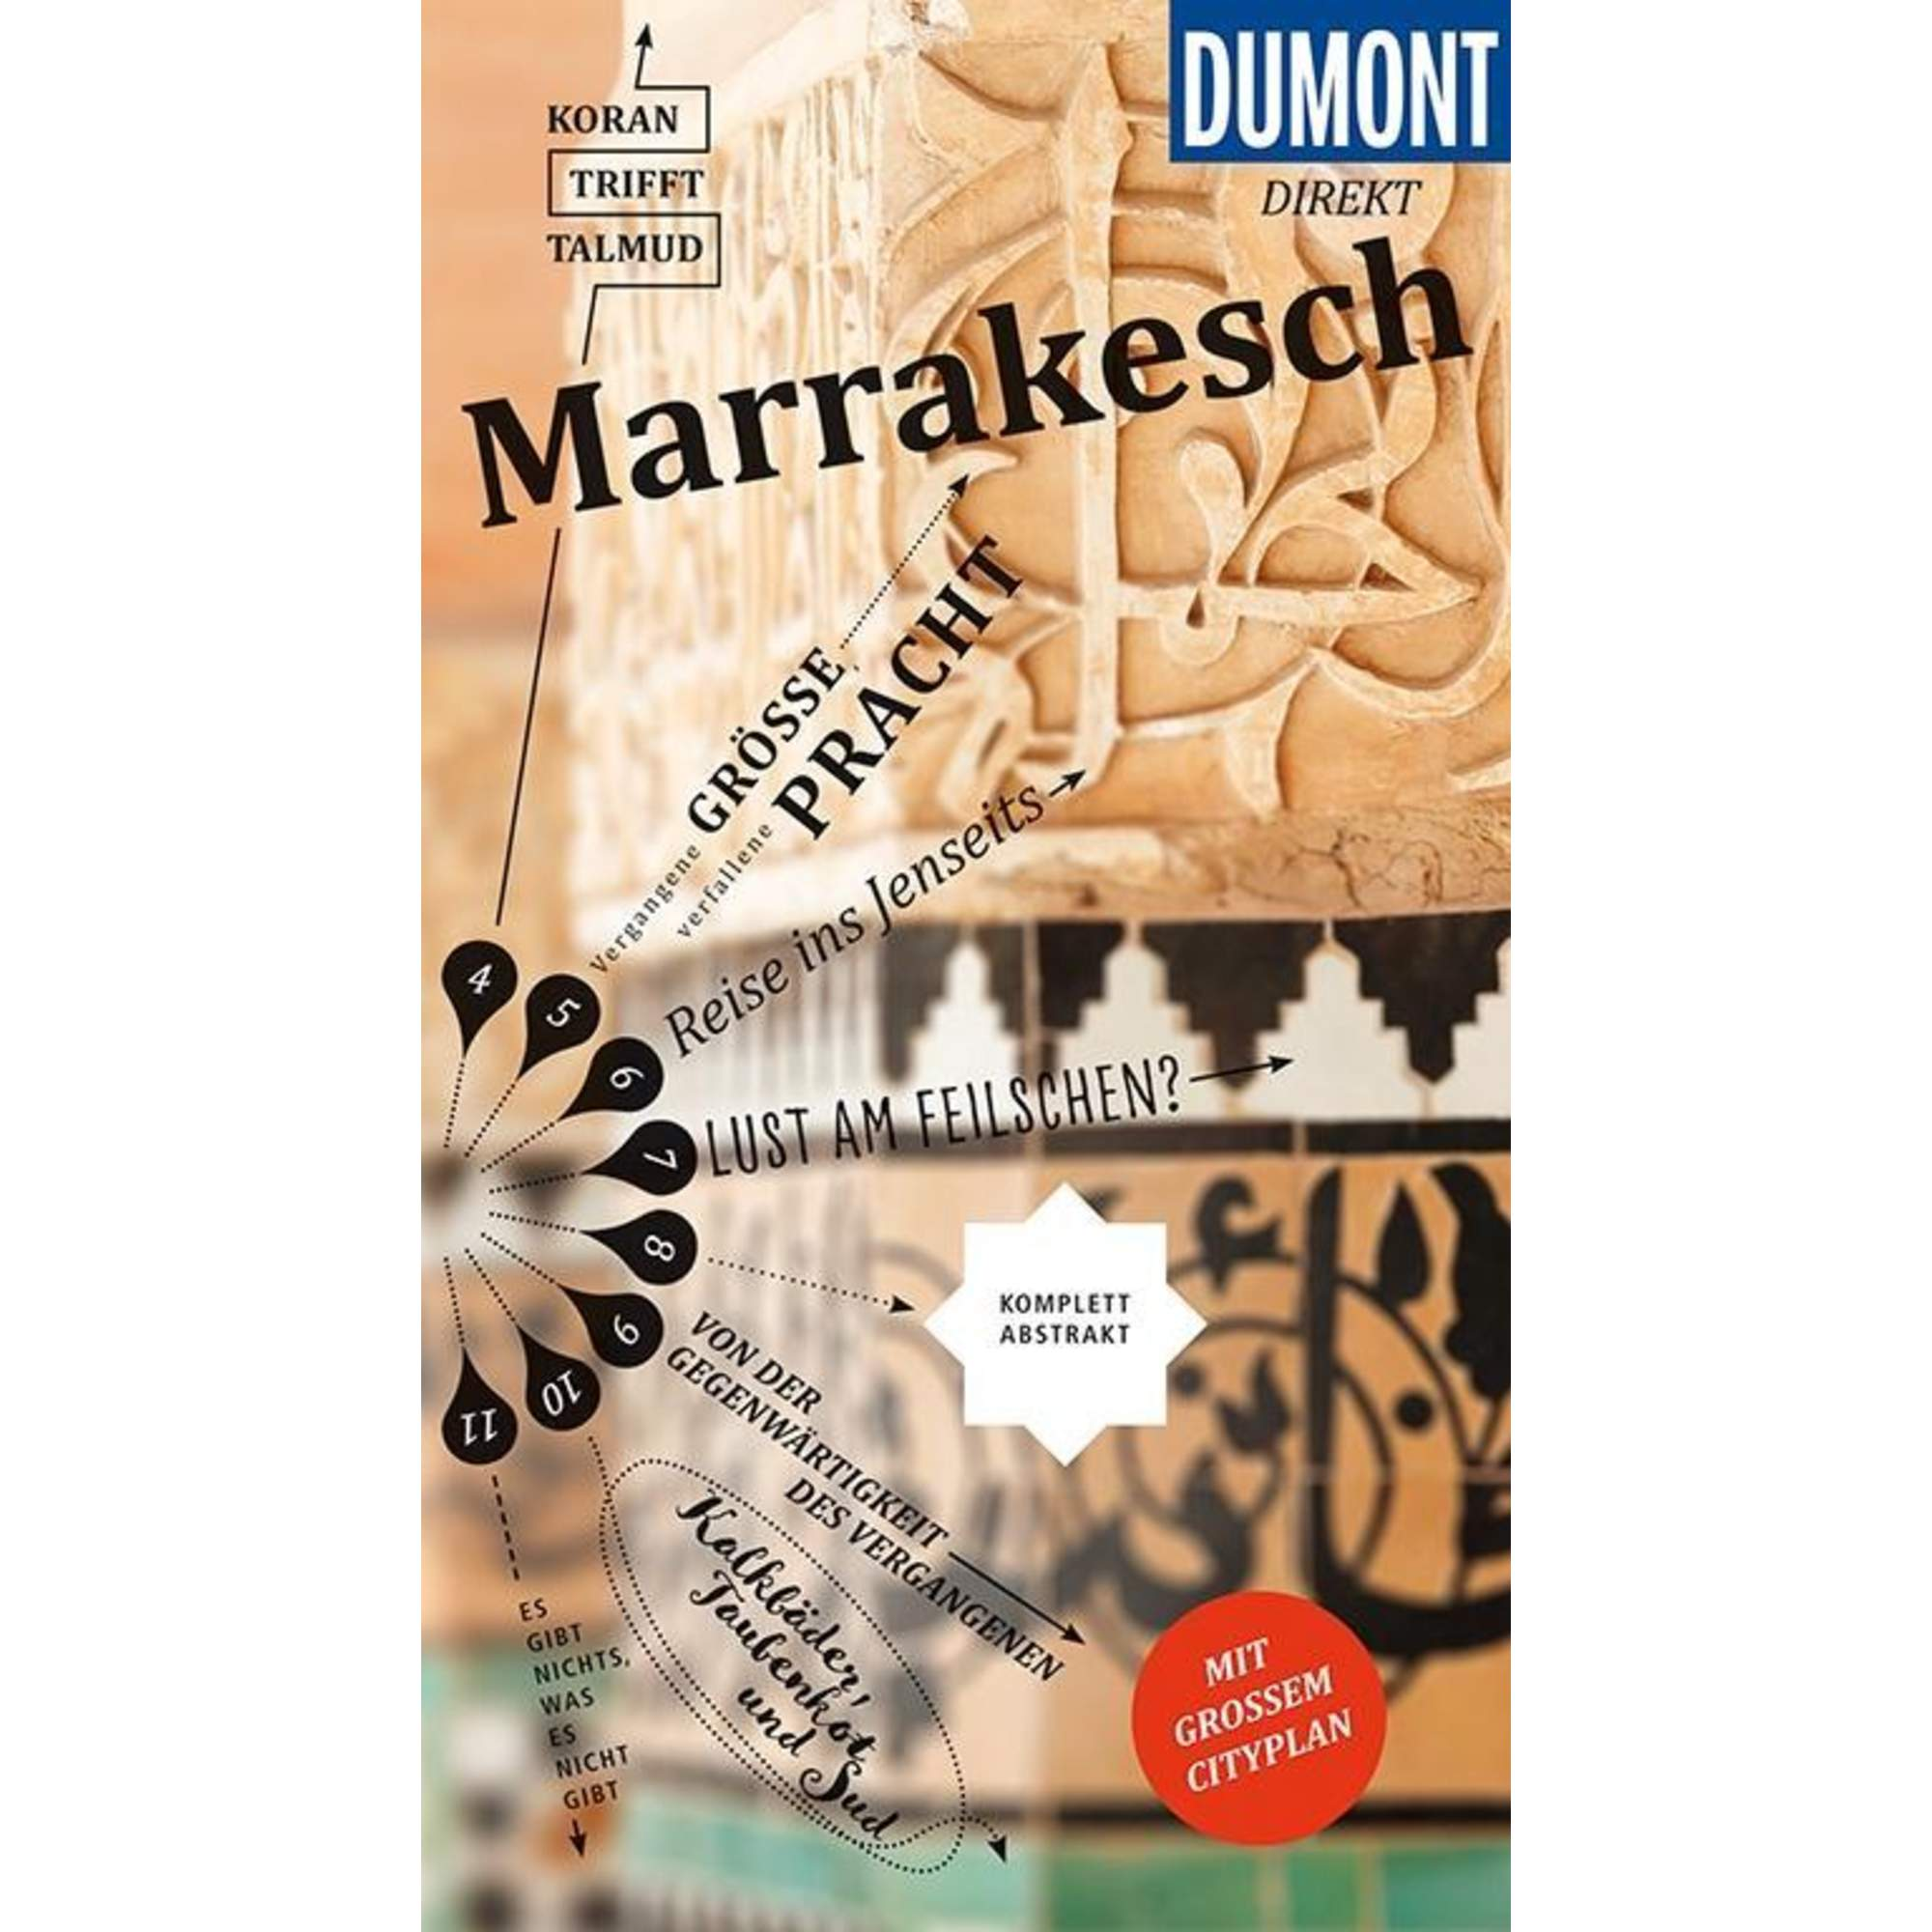 DuMont direkt Reiseführer Marrakesch, 11,95 Euro